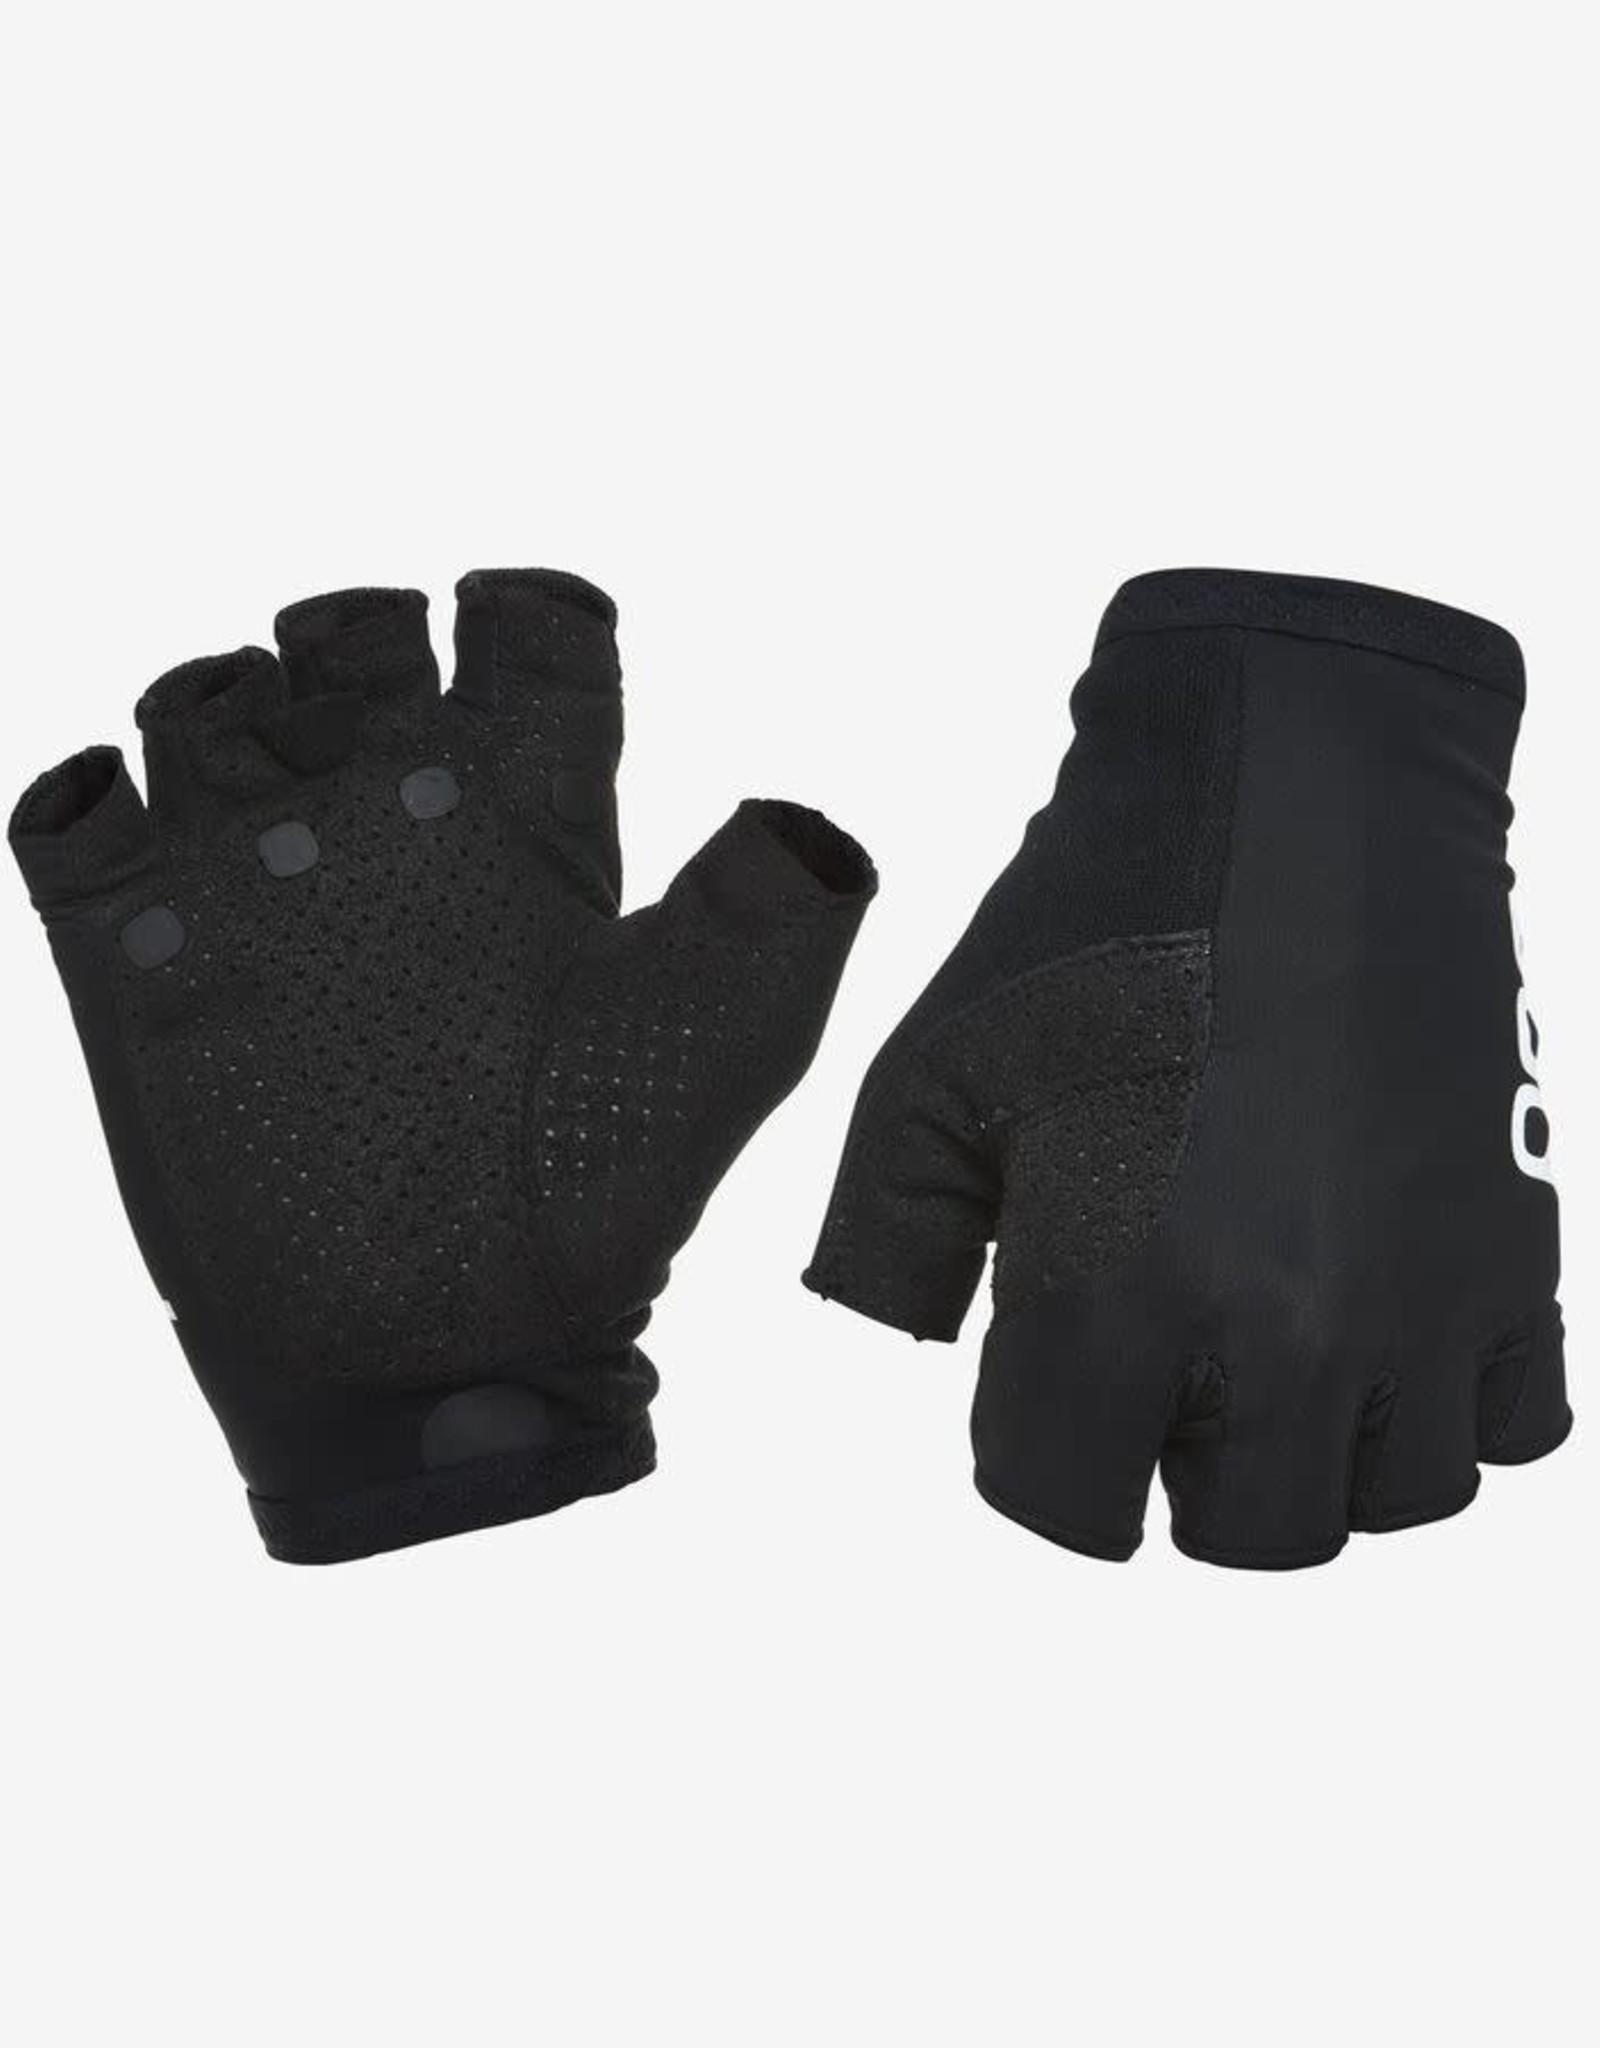 POC essential short glove - uranium black